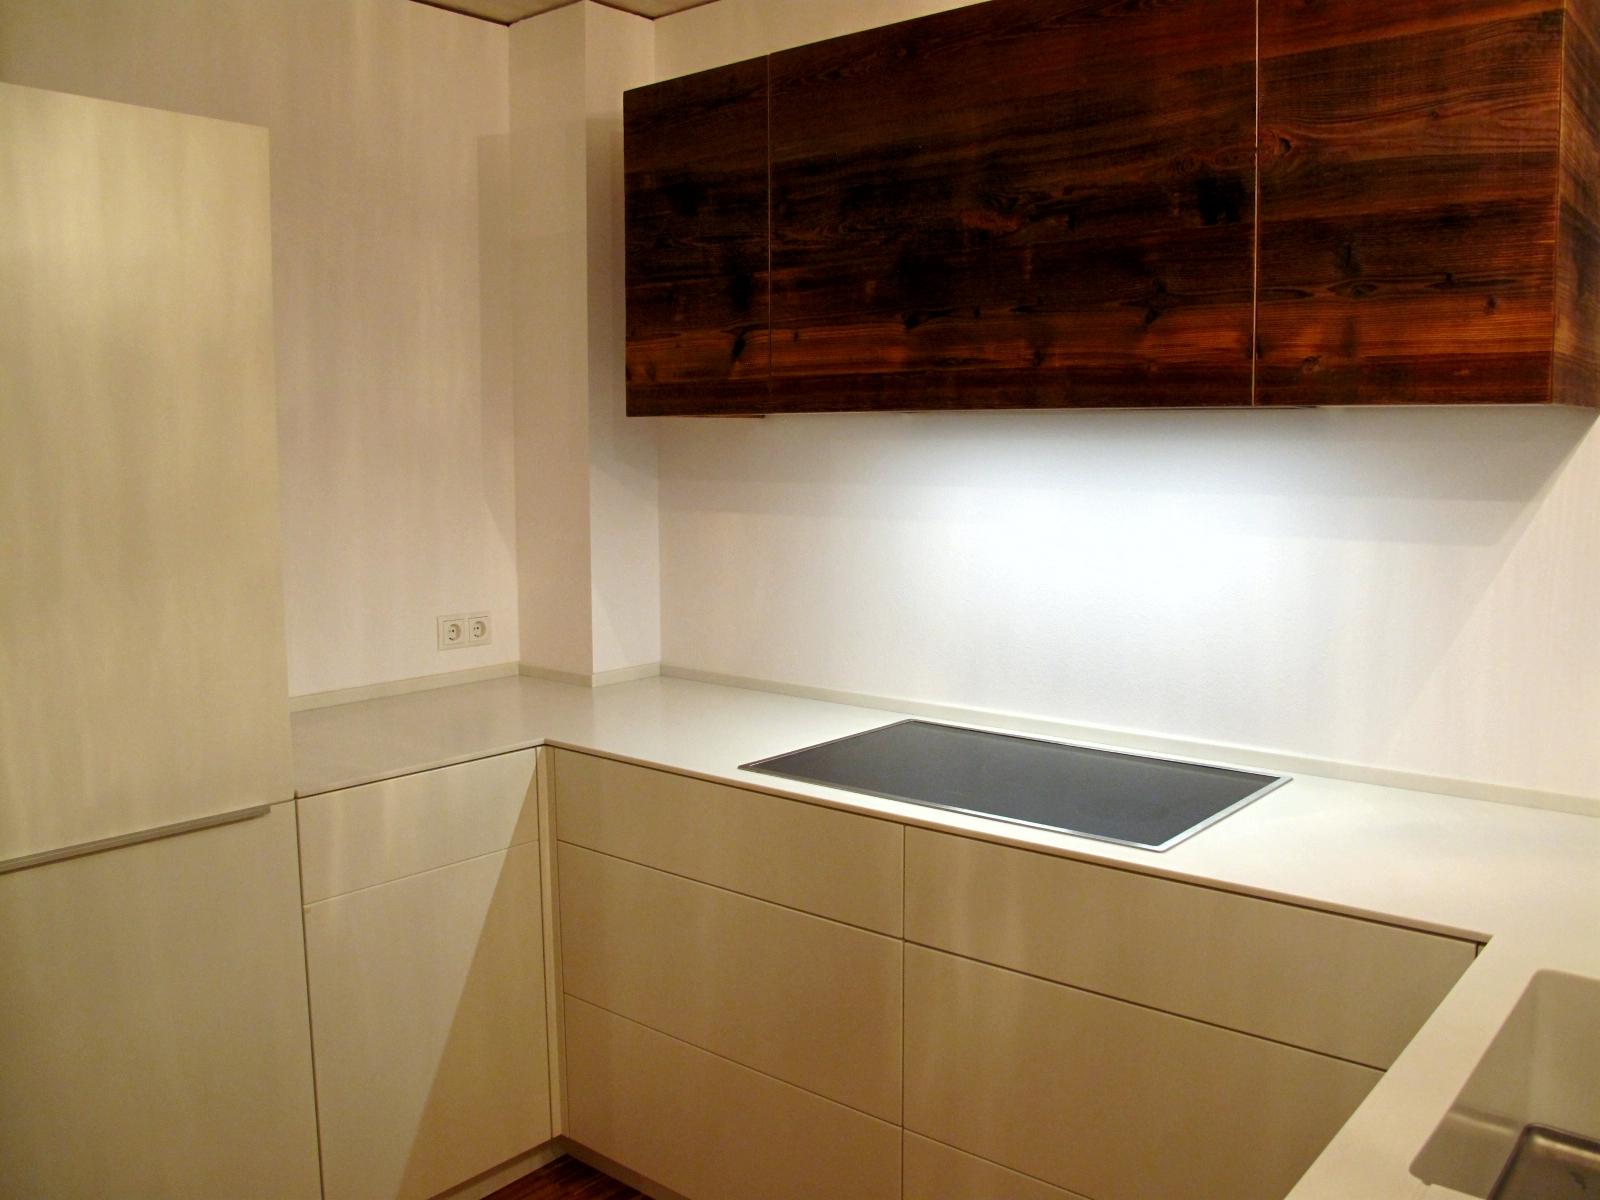 Küche im Neubau Fischbach